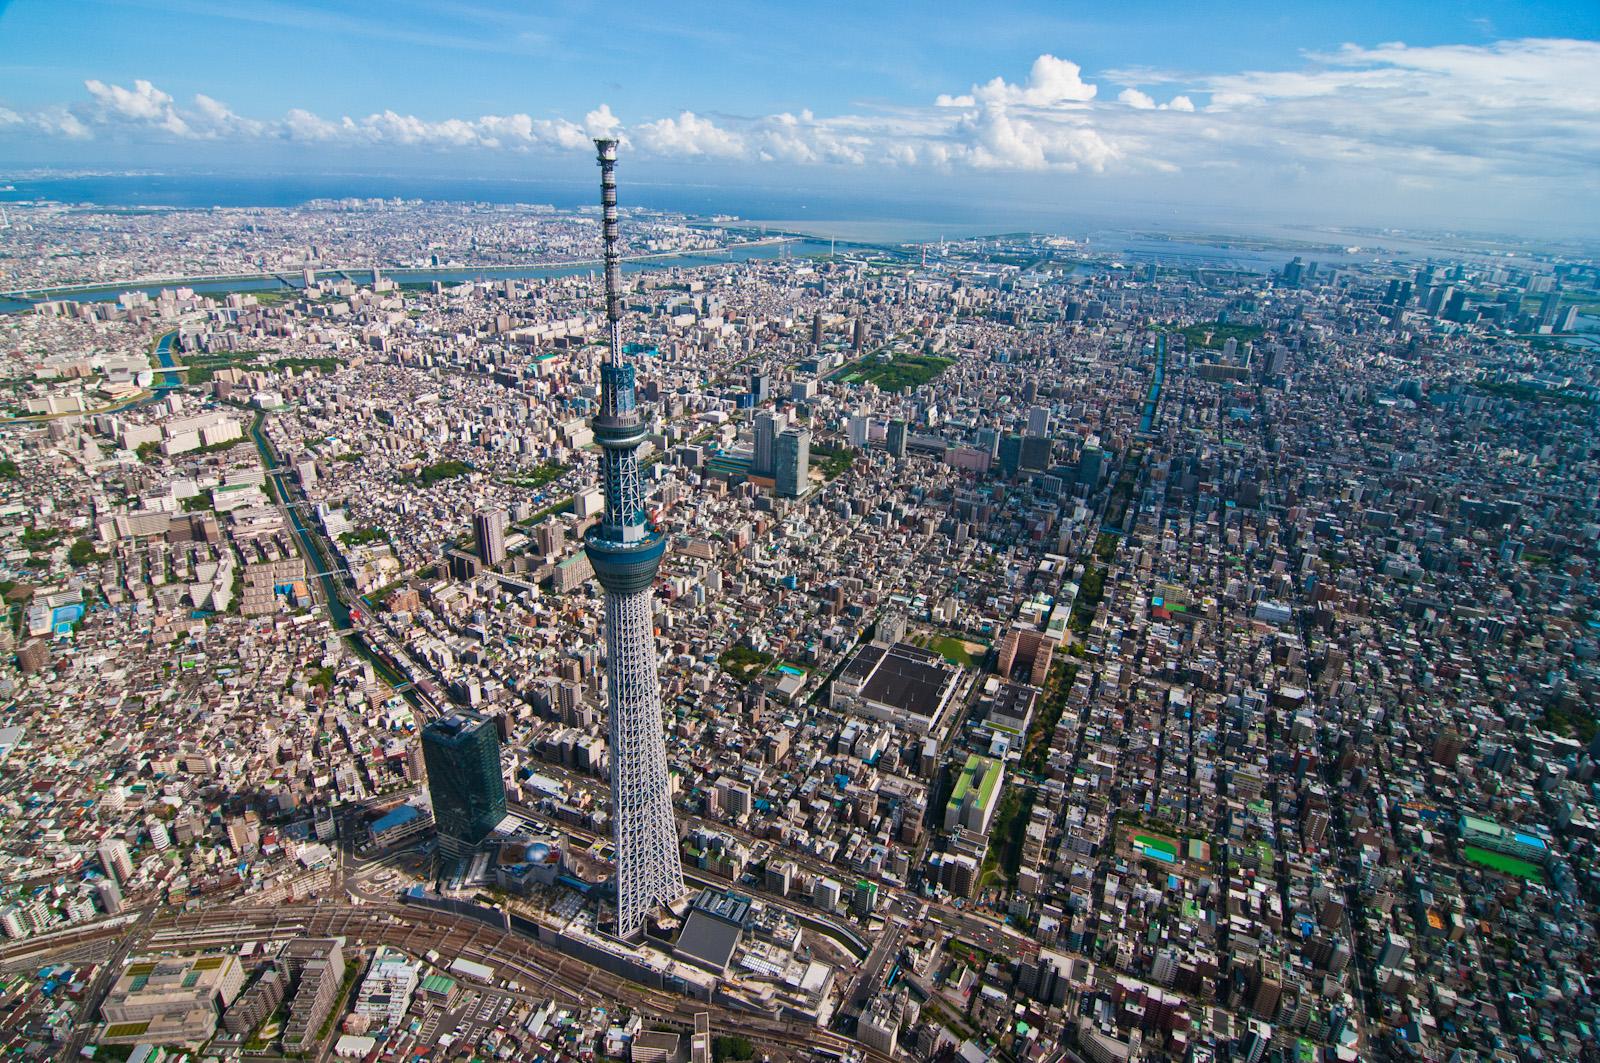 største byer usa